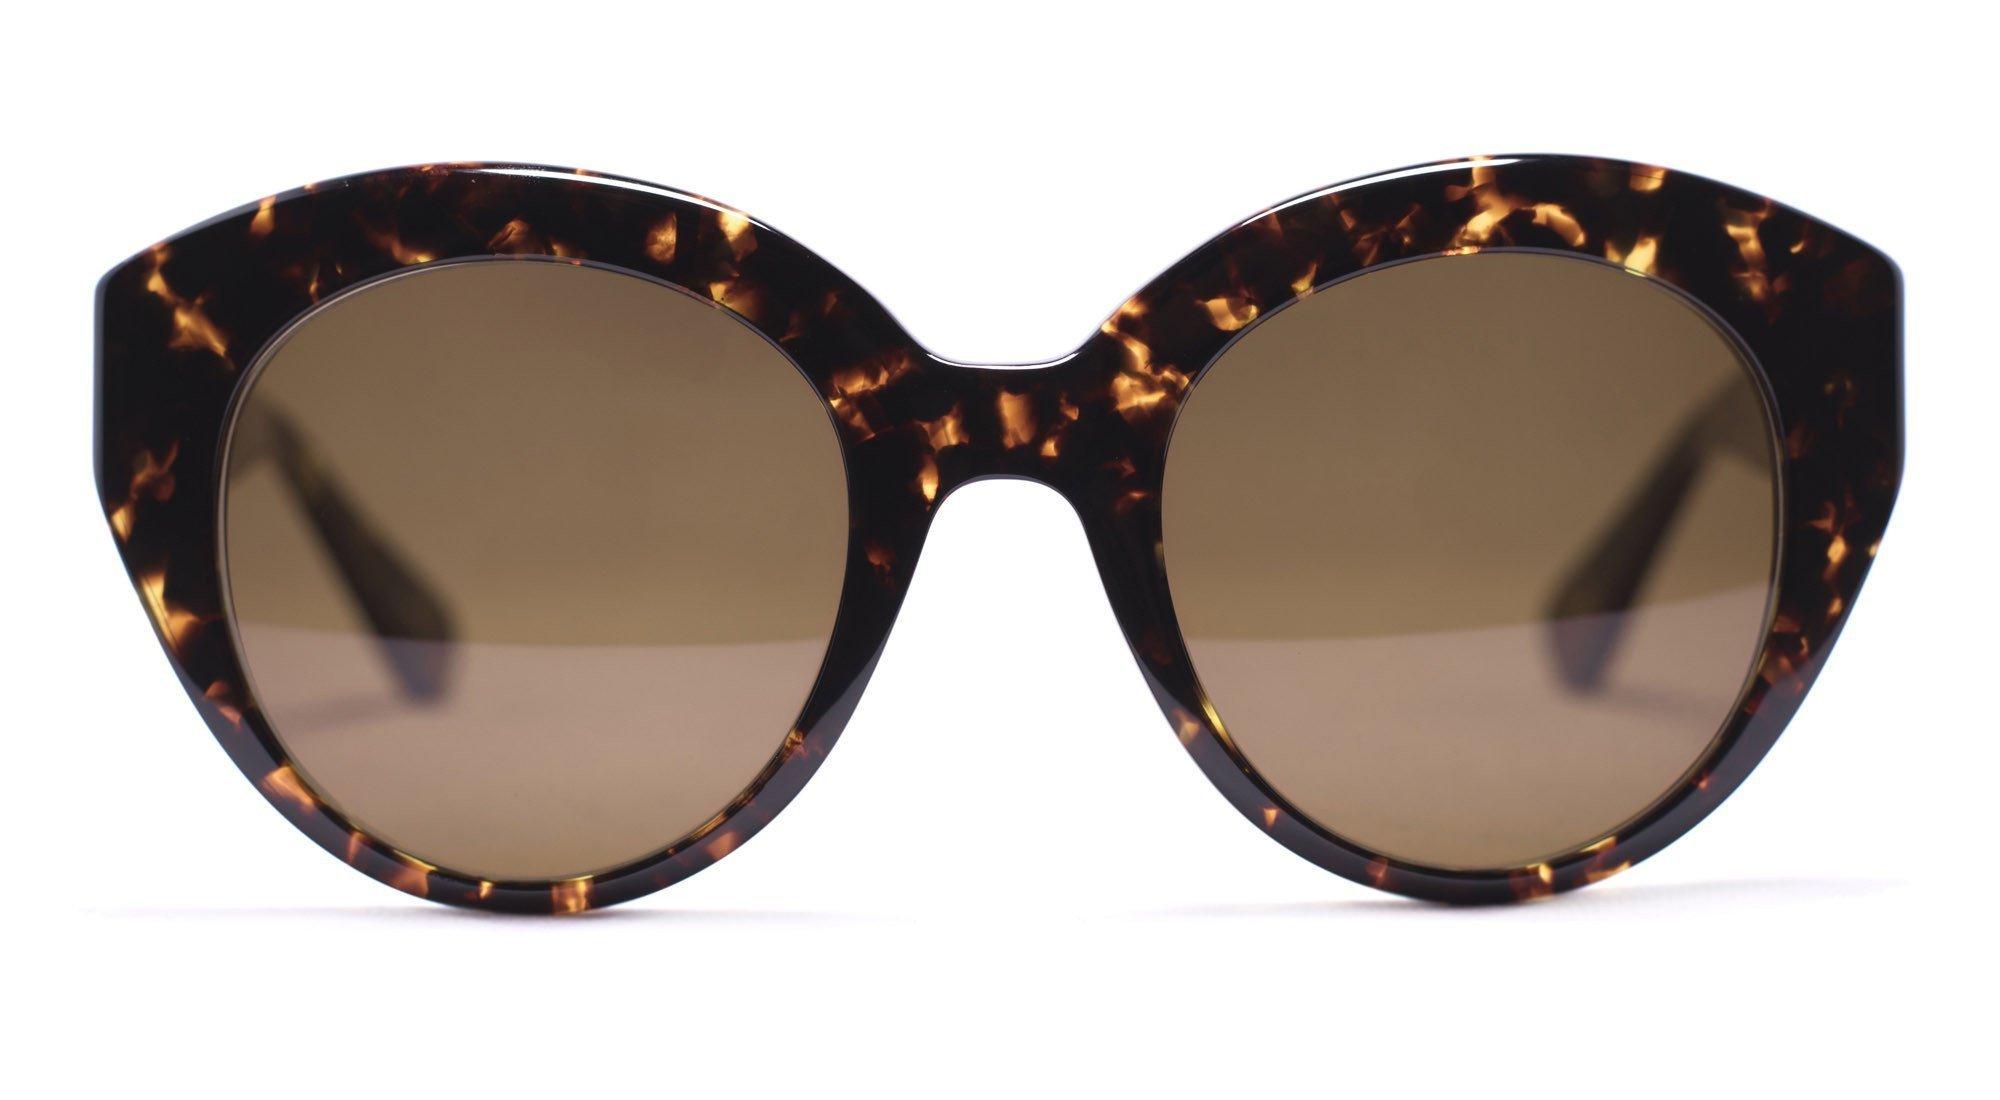 Beauchamp sunglasses ldnr